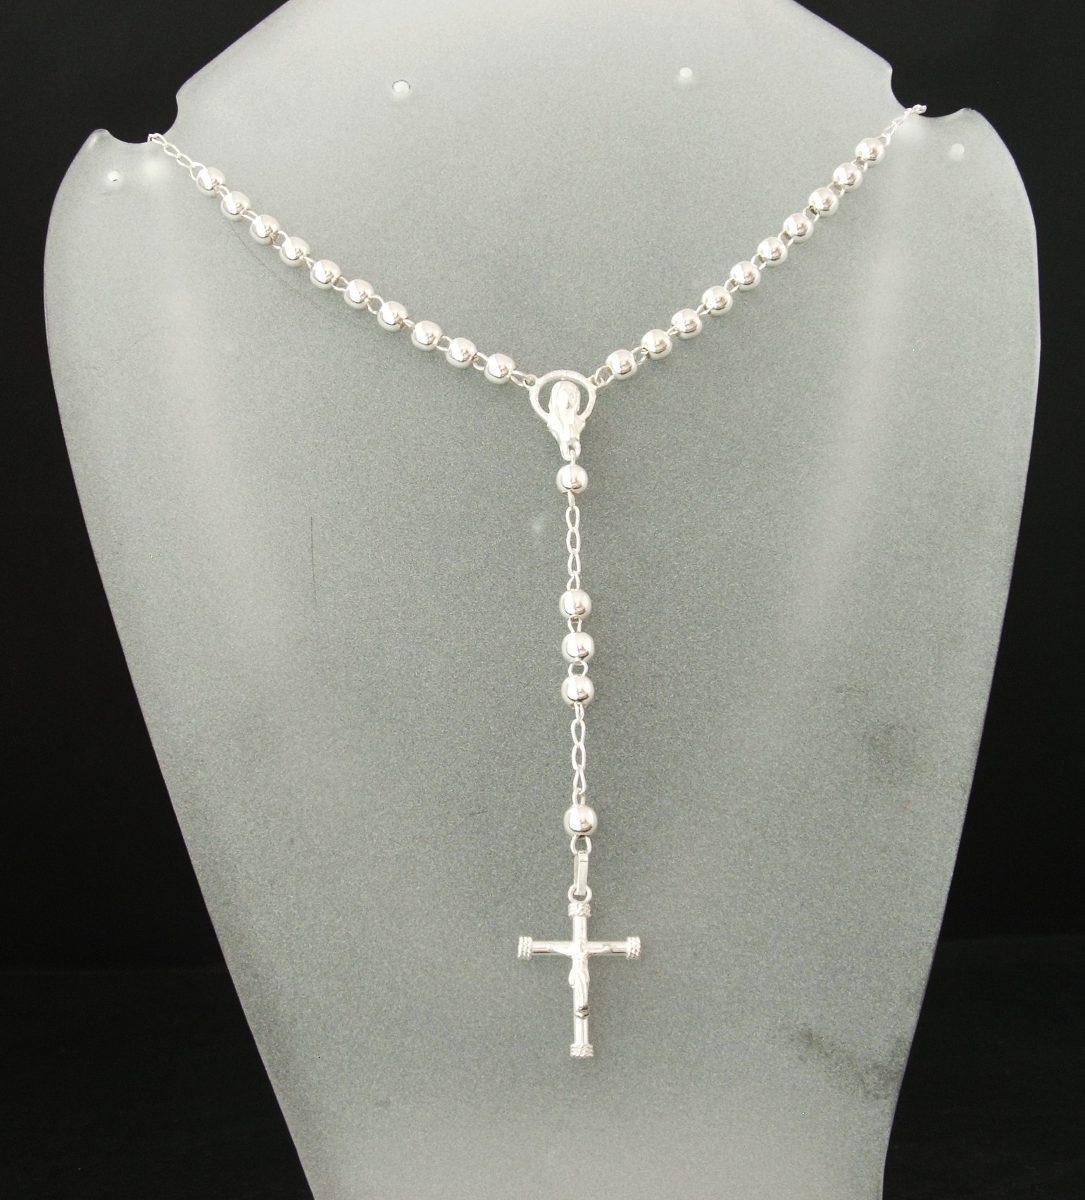 Rosario de plata 925 largo de 50cm y 10cm caida vv4 - Como limpiar un rosario de plata ...